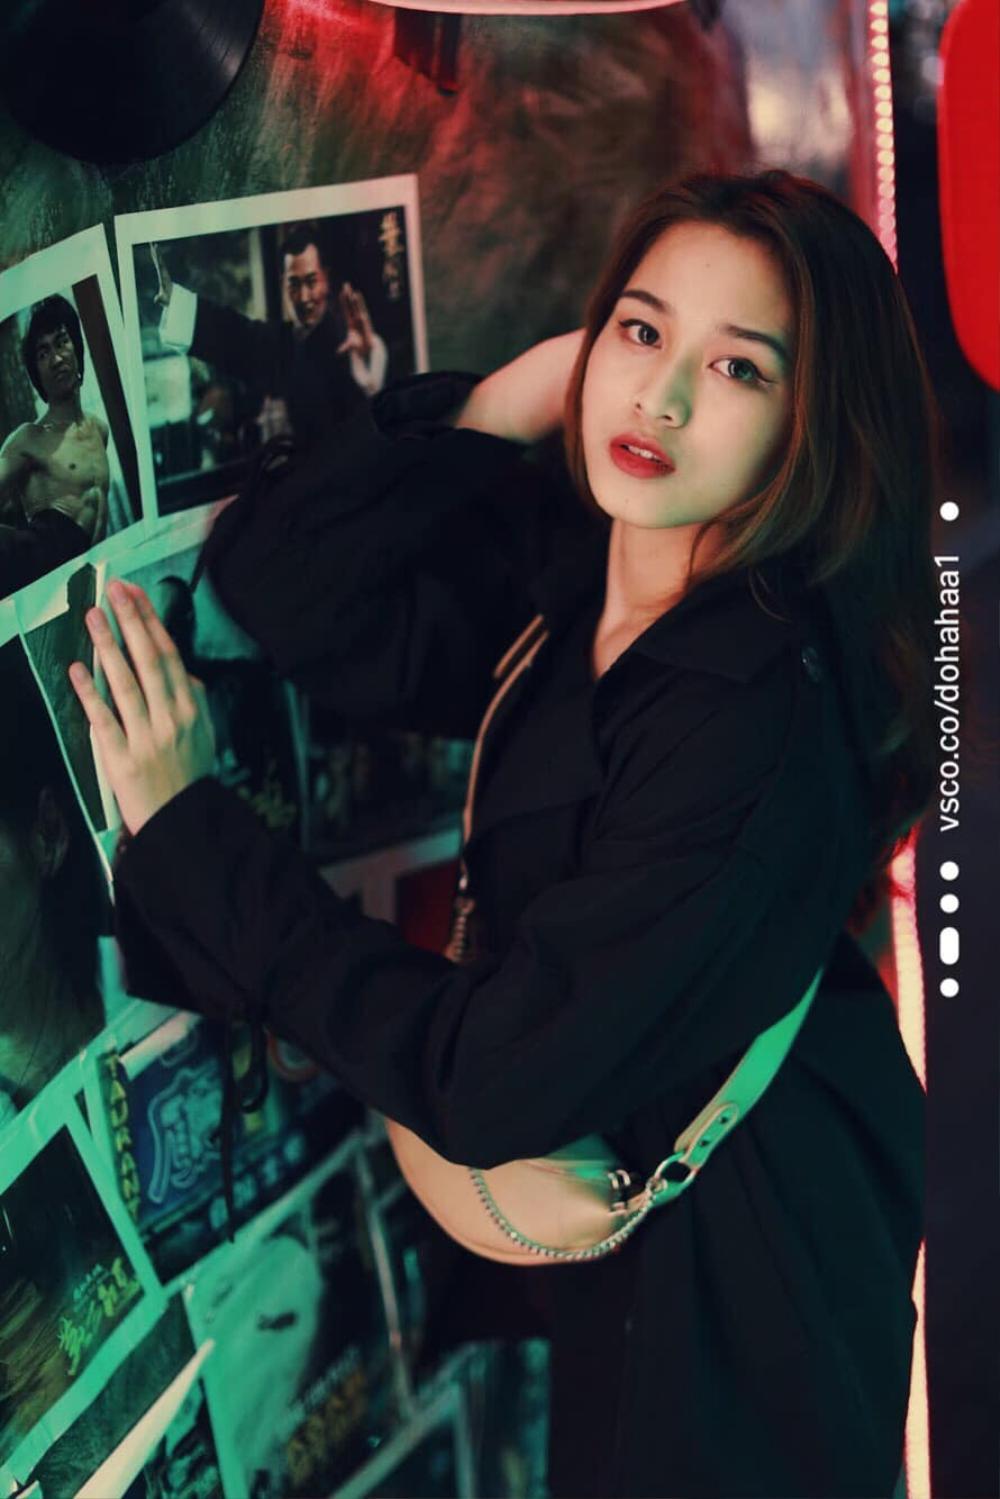 So sánh Tân Hoa hậu/Á hậu Việt Nam 2020 với Hàn Quốc: 'Mỗi người một vẻ mười phân vẹn mười' Ảnh 8